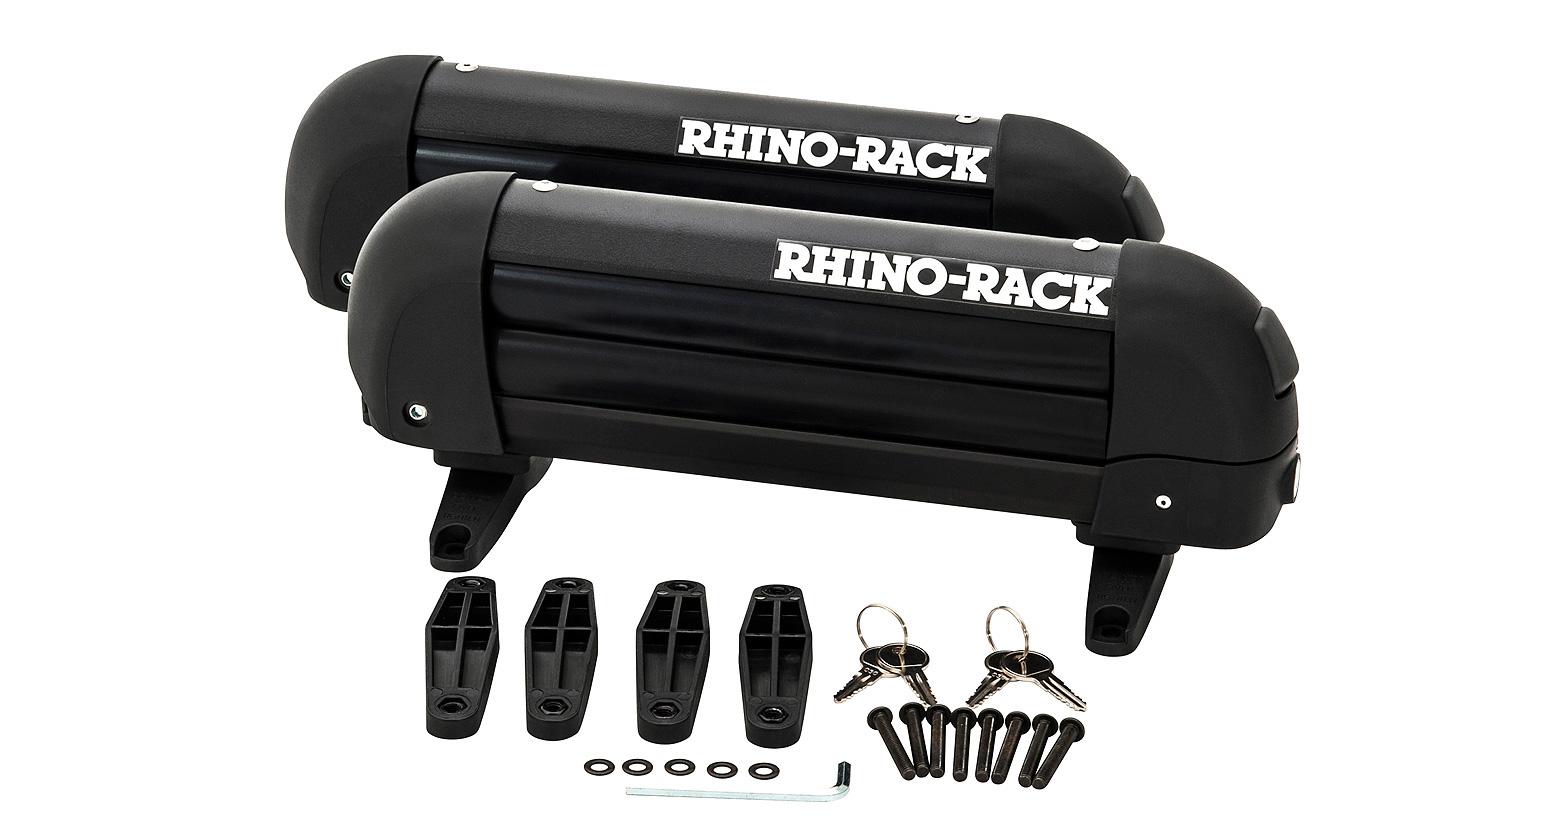 Fishing rod holder 572 rhino rack for Fishing rod holder for suv